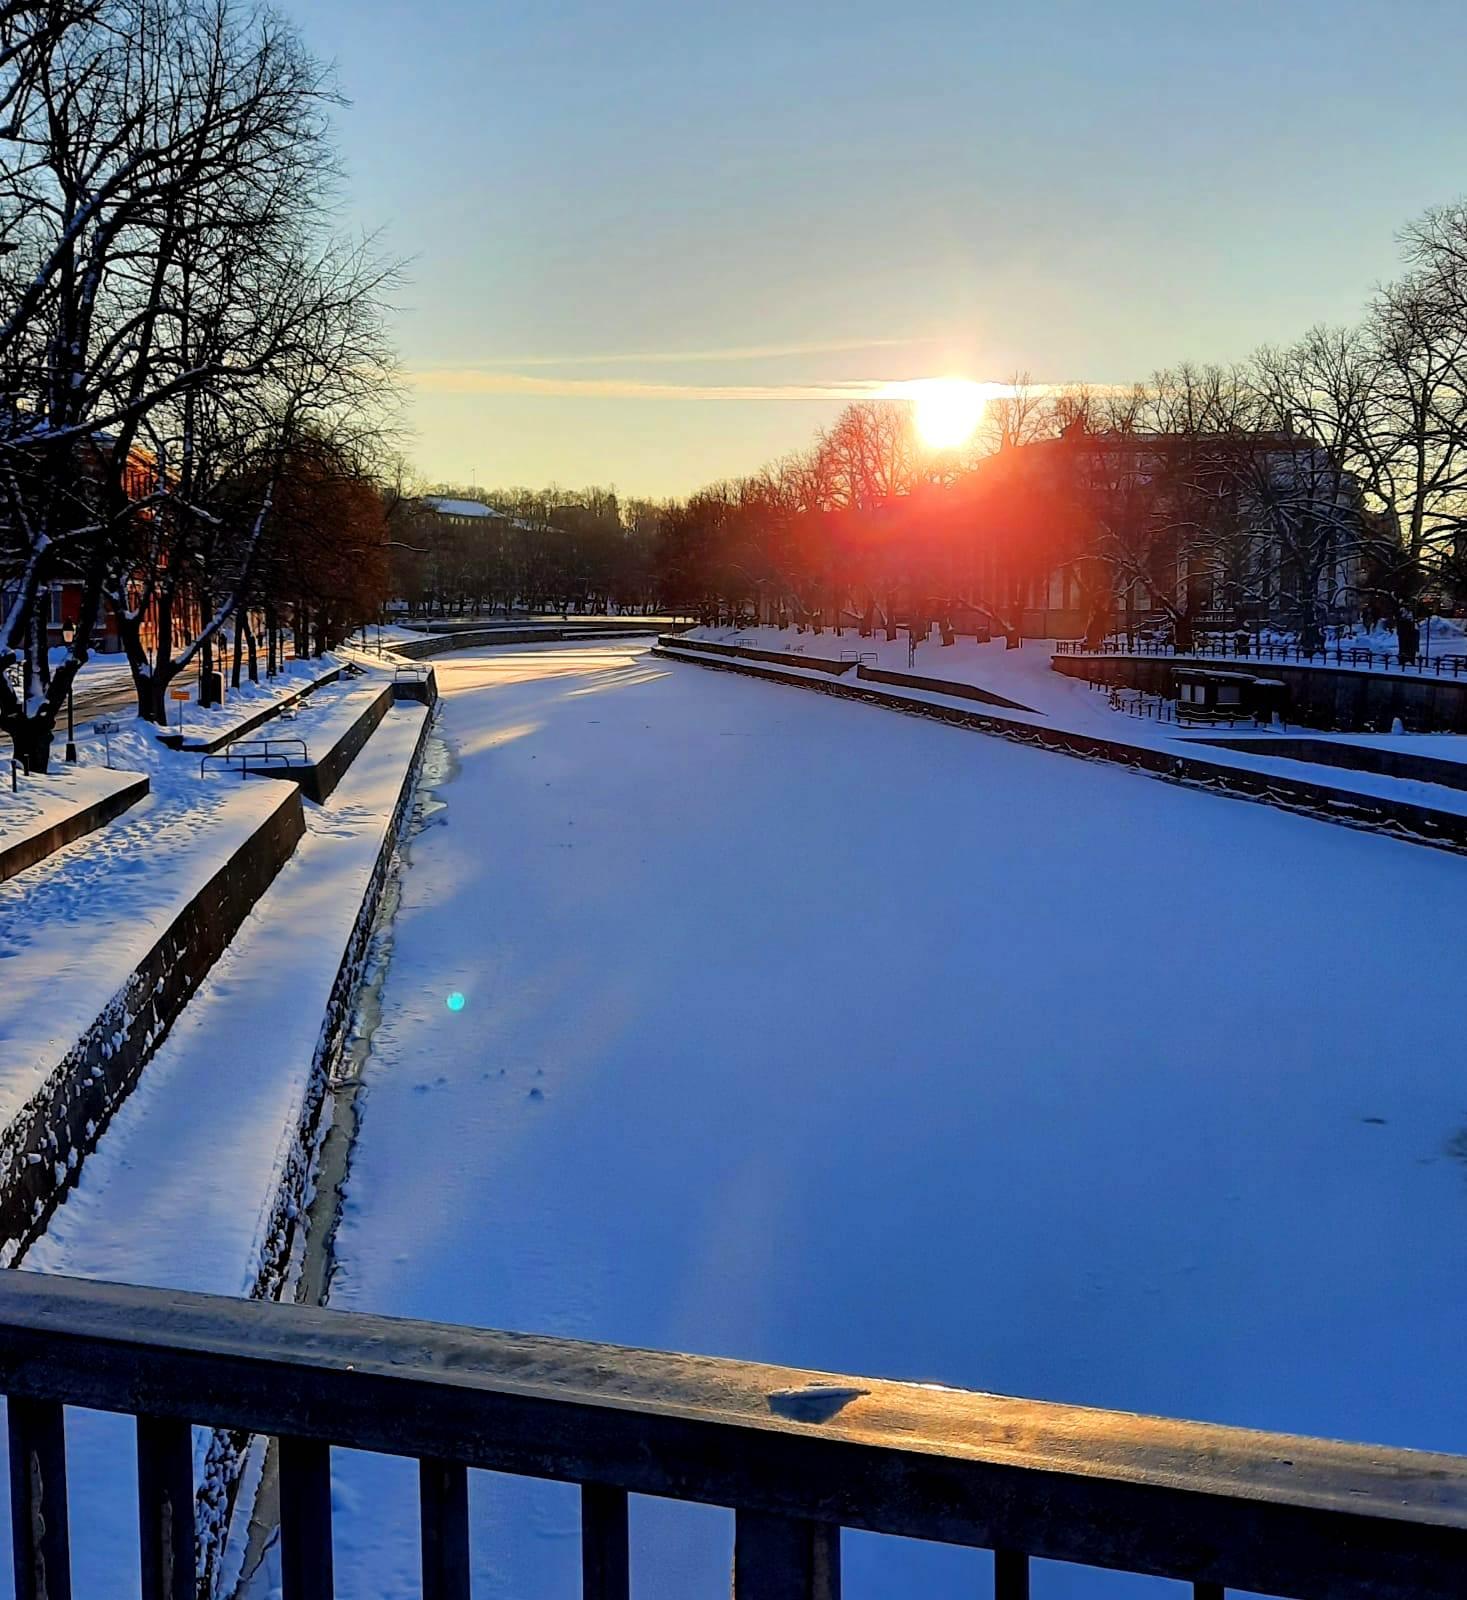 Il fiume ghiacciato Aurajoki  che attraversa la città di Turku in Finlandia.  Foto di Anna Bottazzi.